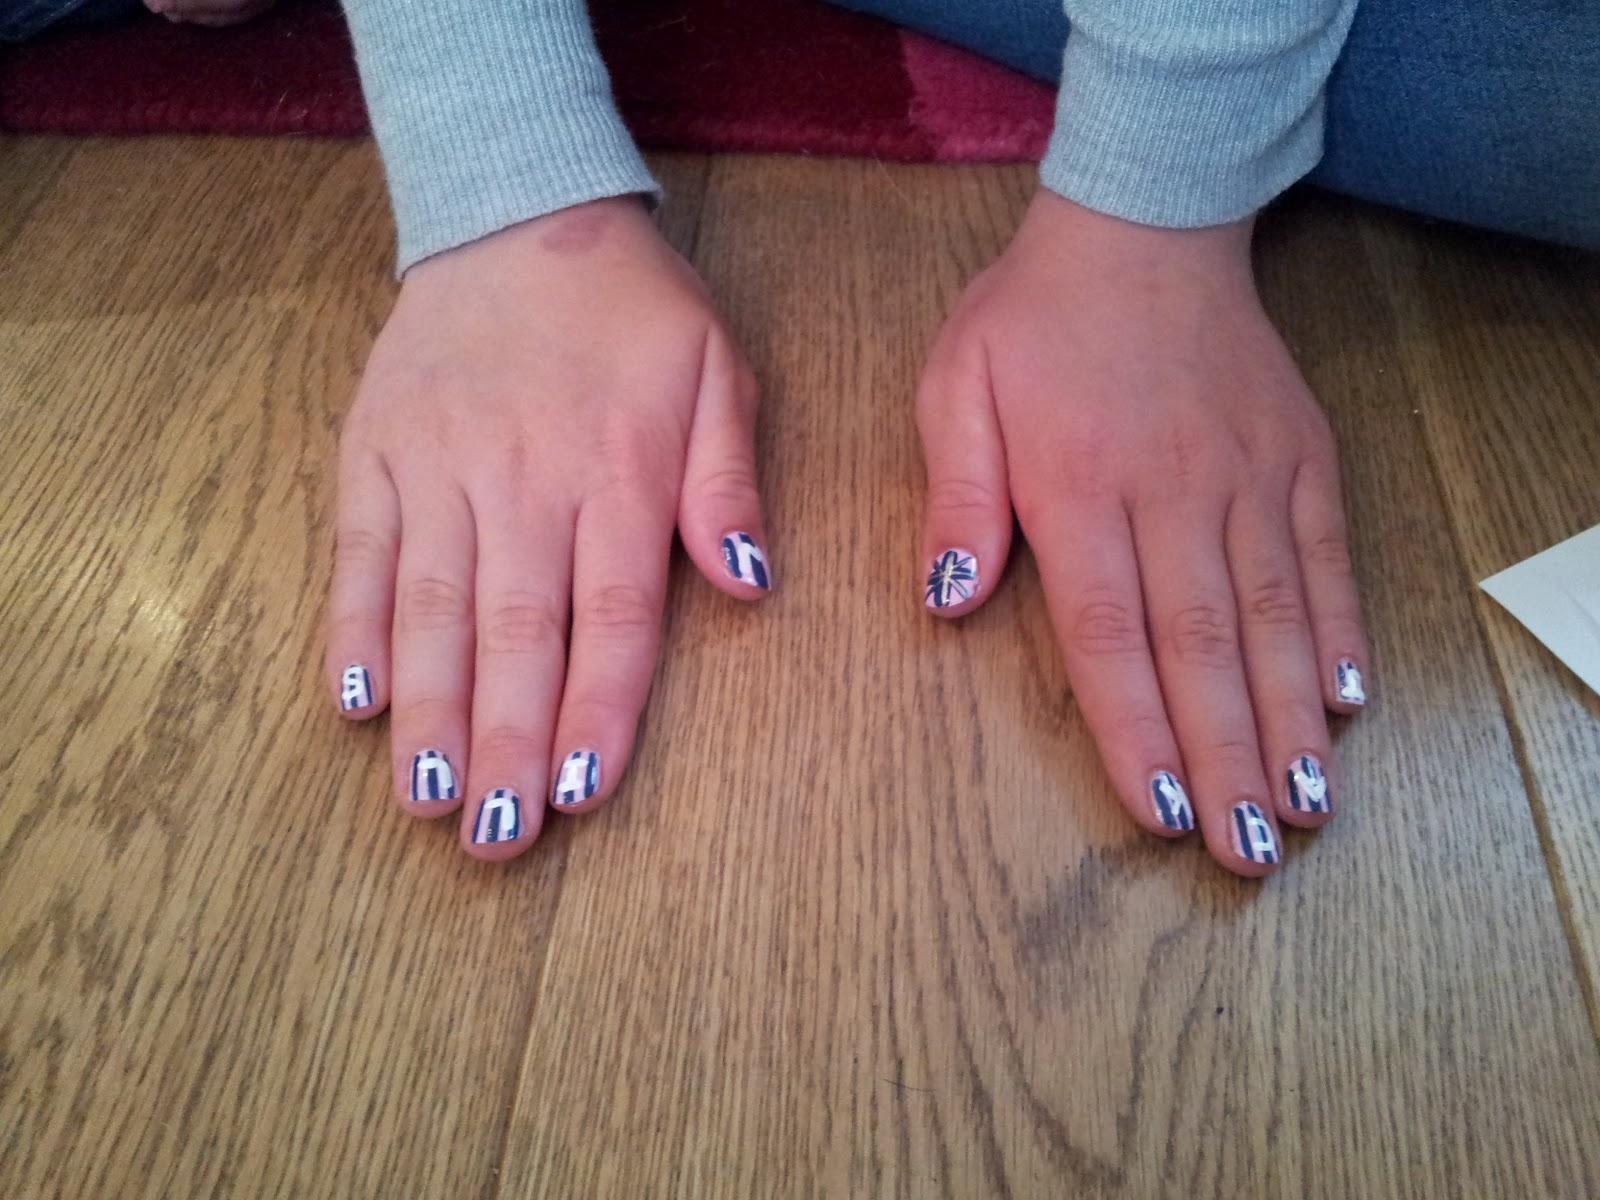 Kawaii Nail Art: Pamper Party Nails - Jack Wills Inspired